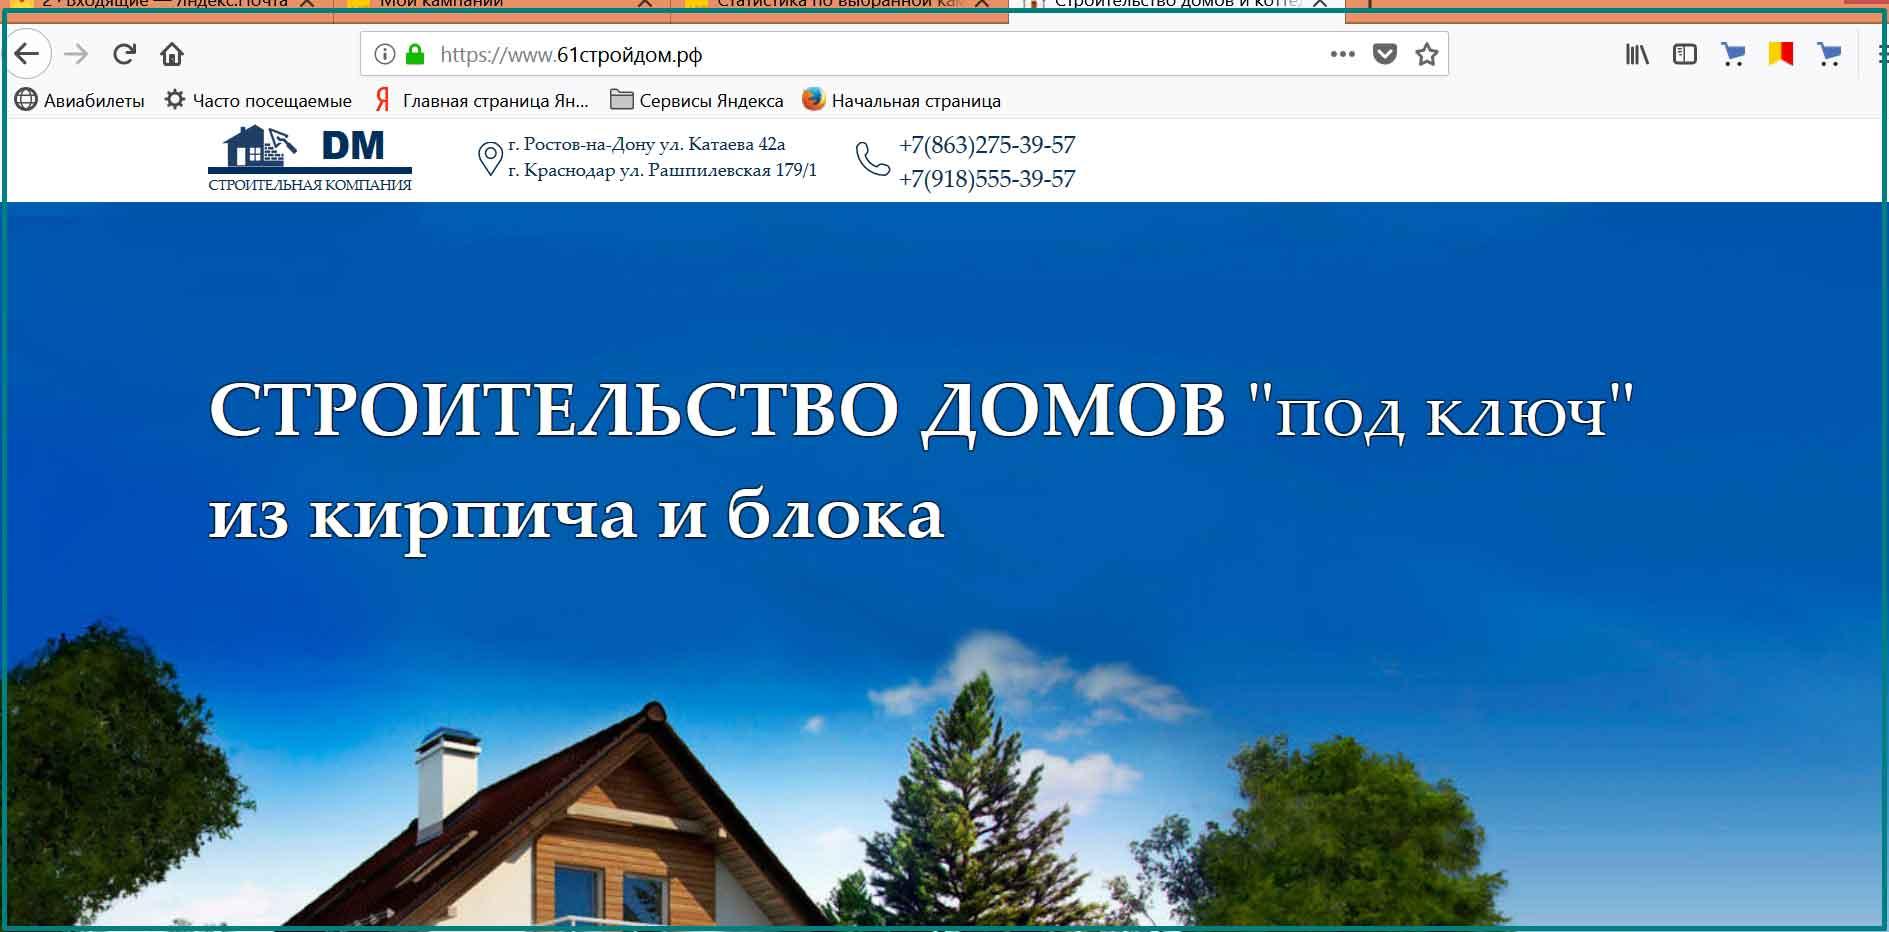 Кейс настройки поисковой рекламной кампании Яндекс Директ.